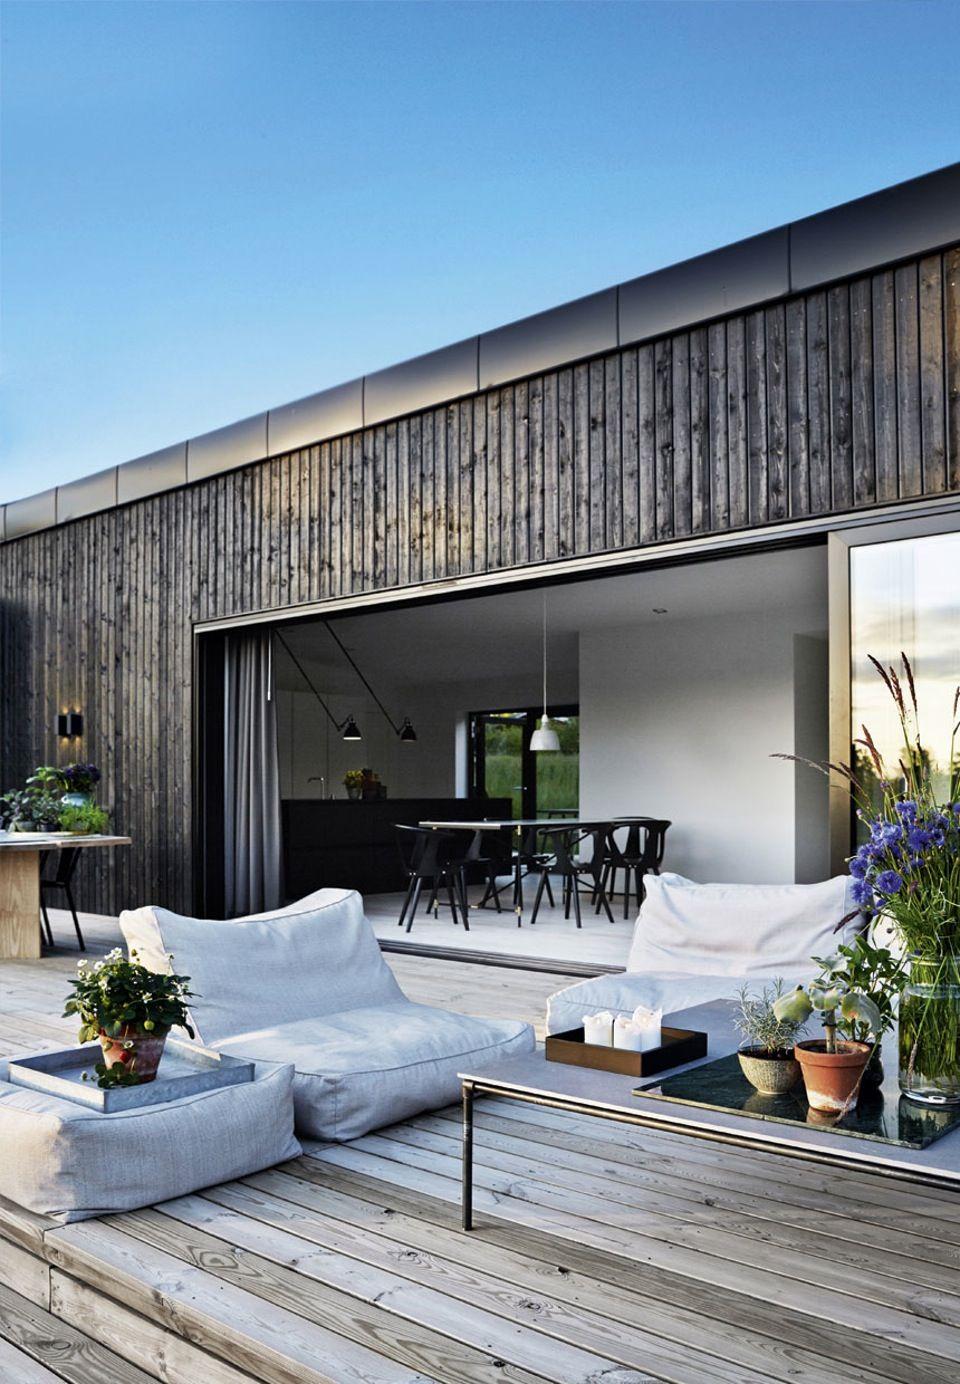 Spectaculaires baies vitrées | maison et deco | Baies vitrées ...